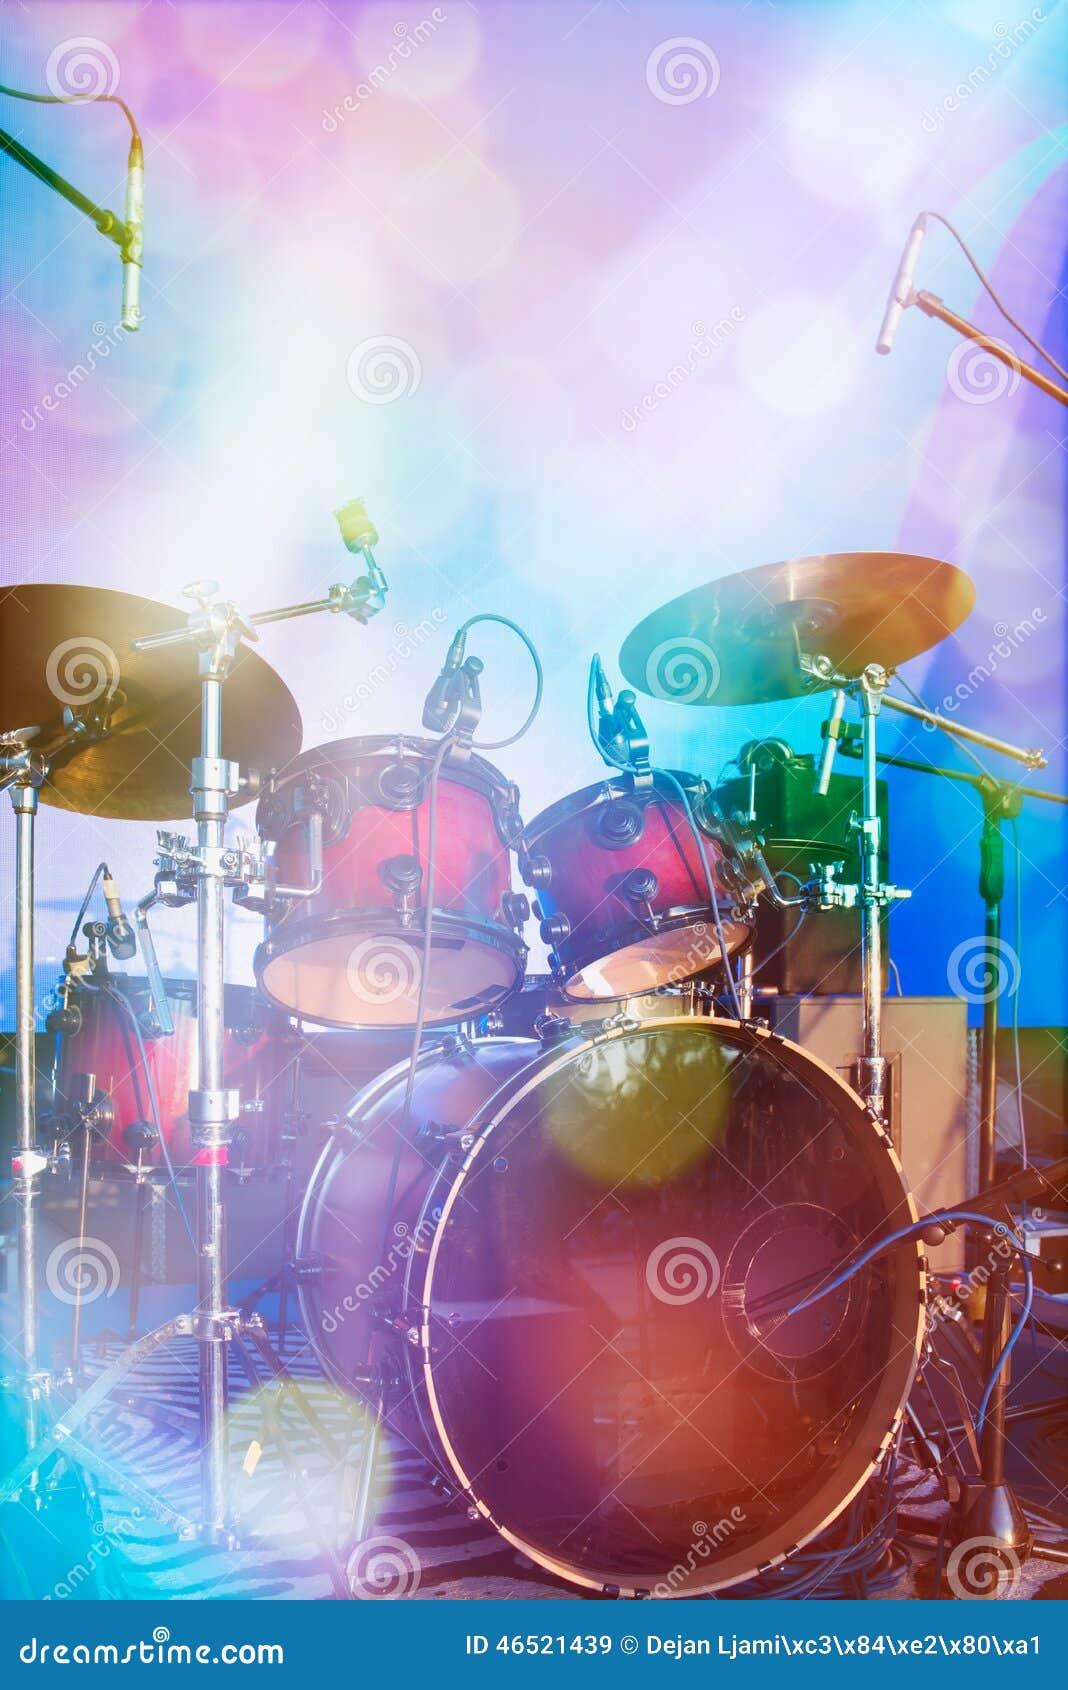 Drum Set On Stage Stock Photo 46521439 Megapixl